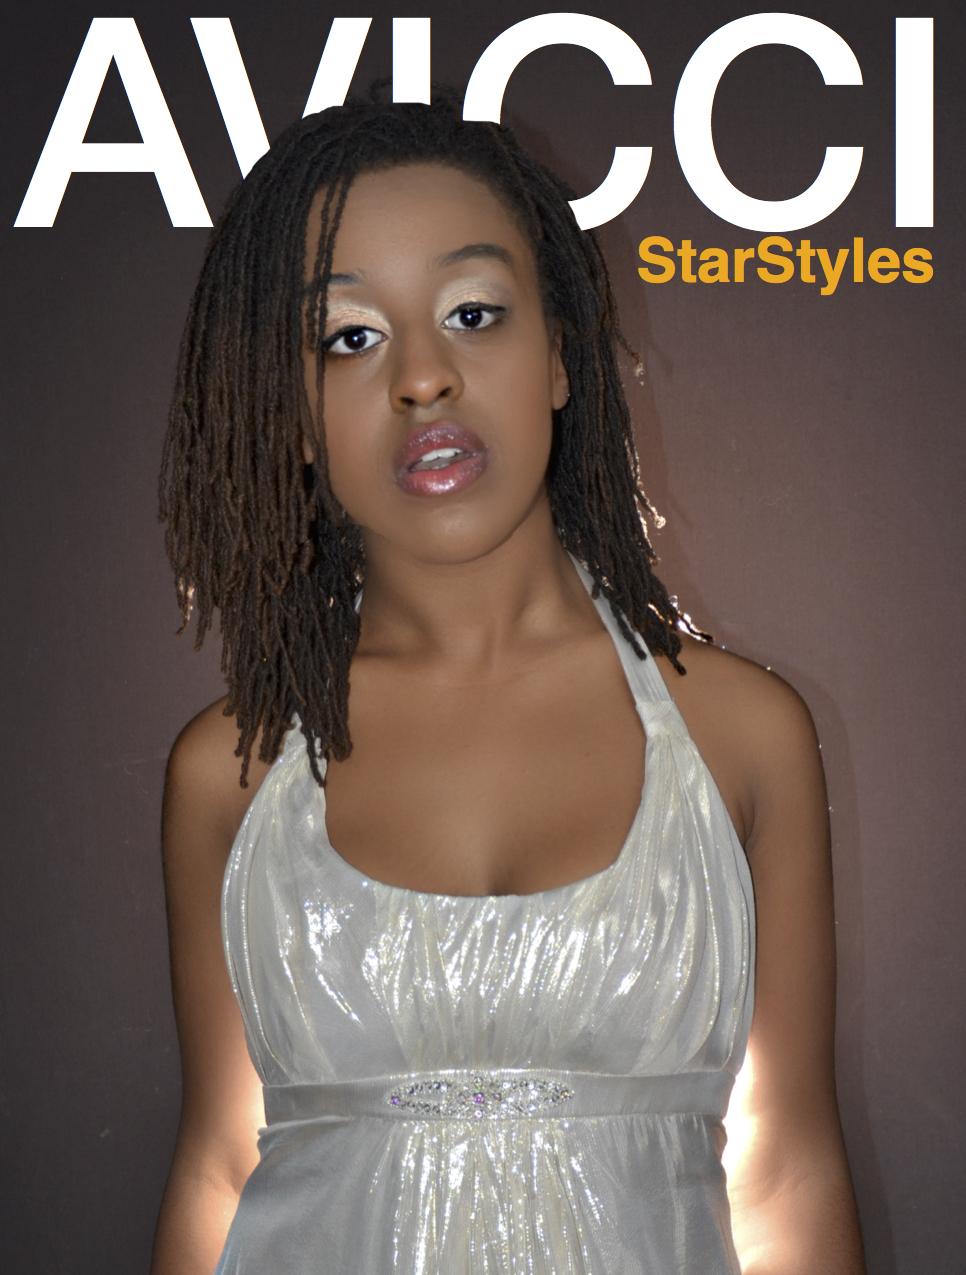 AVICCIMAG_5 cover.jpg